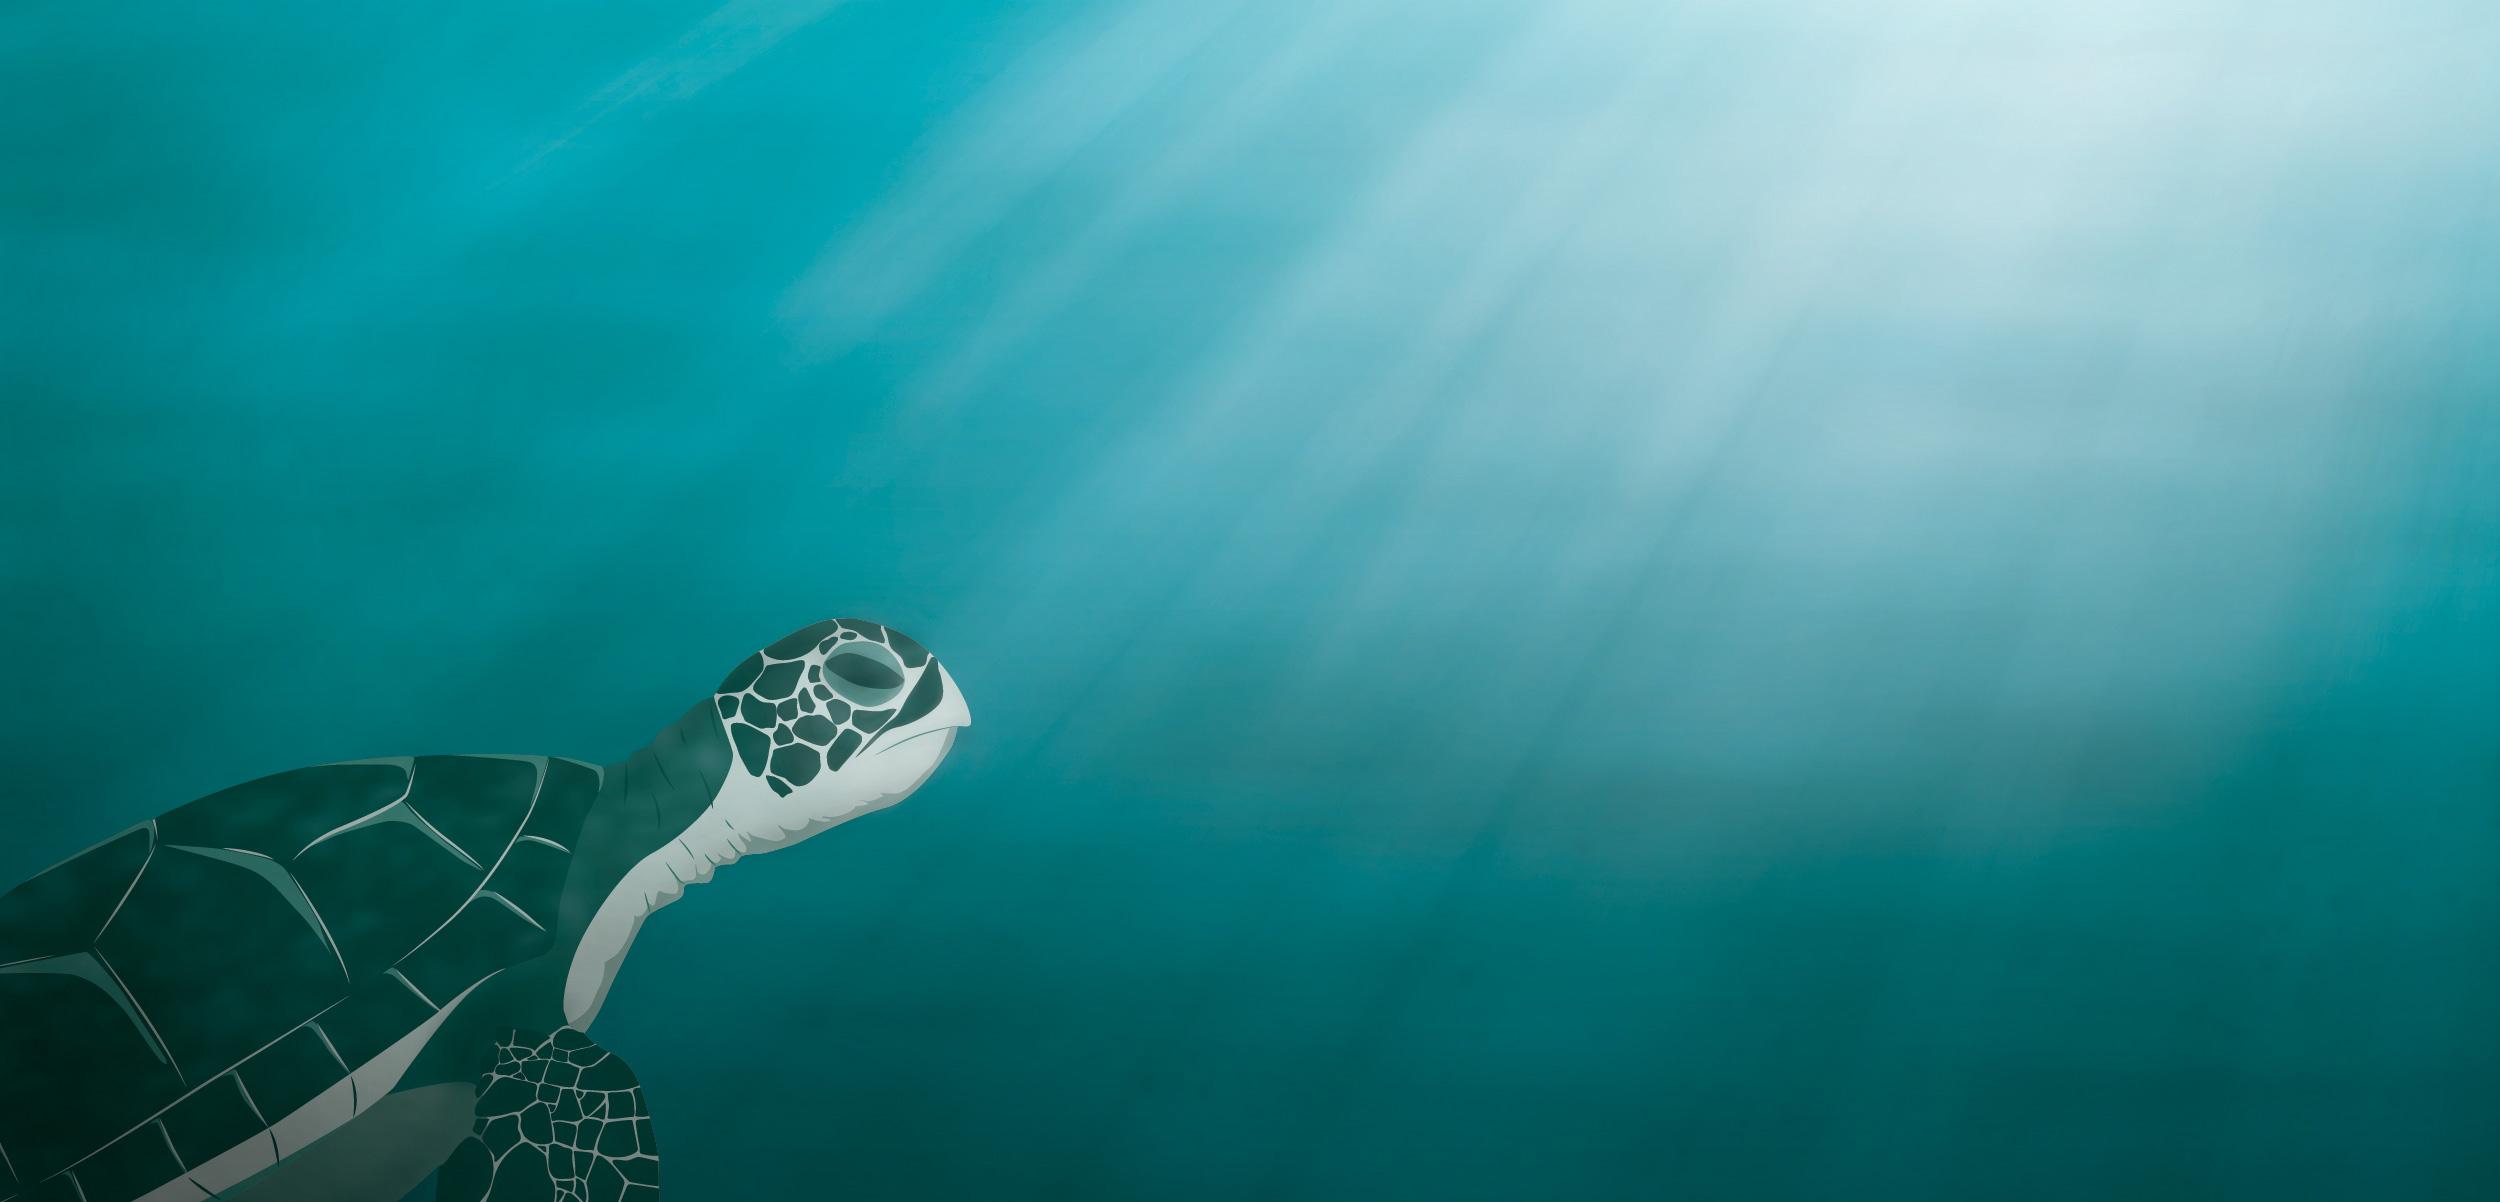 header-ocean-optimism.jpg